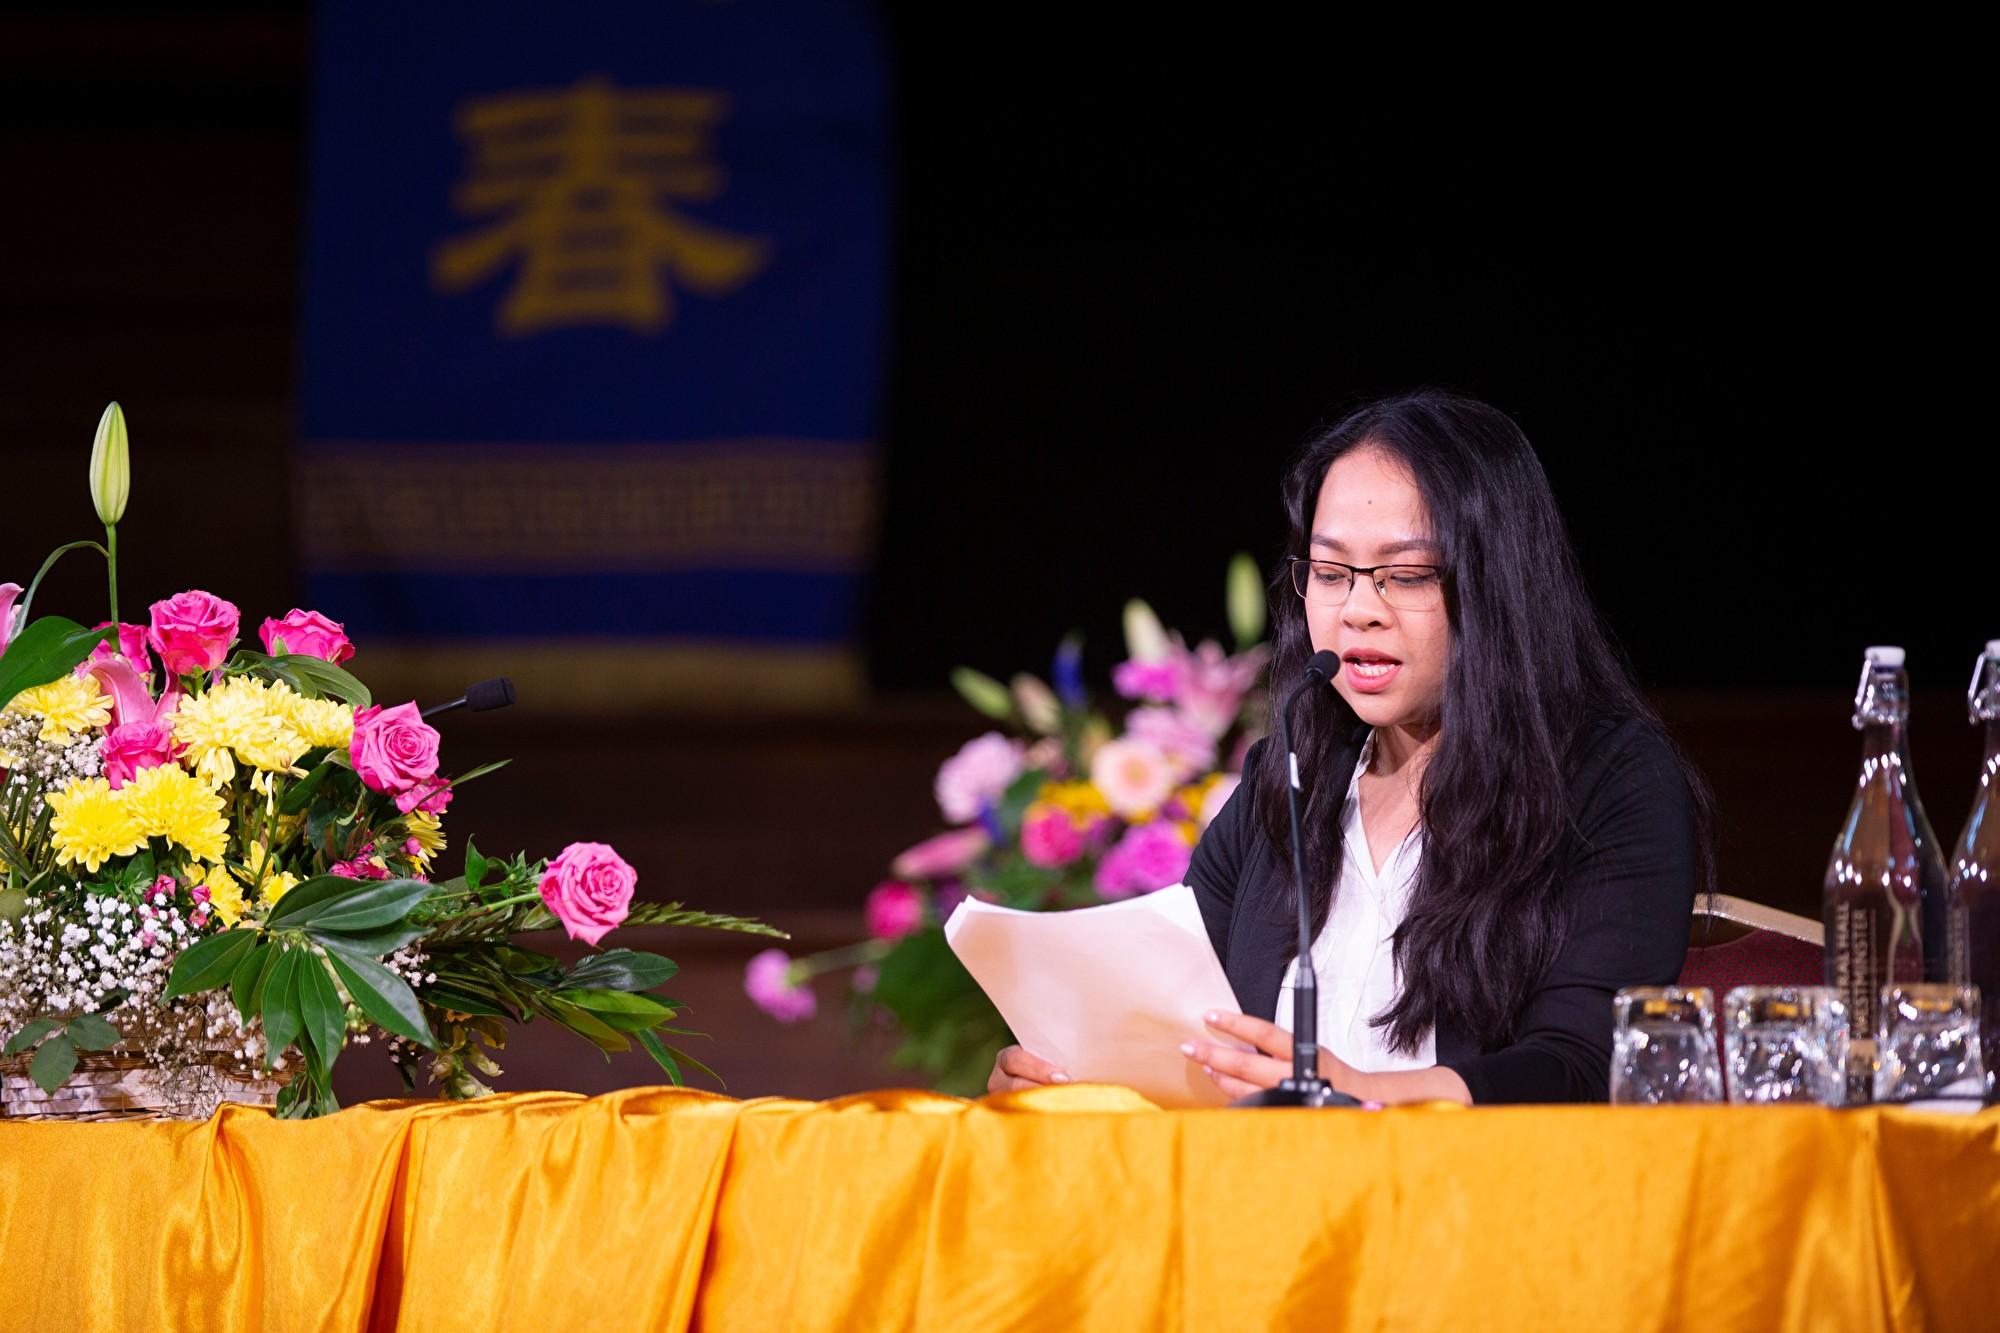 8月31日,來自越南的玲武(音譯,Linh Vo)在2019年歐洲法輪大法心得交流會上發言。(曉龍/大紀元)